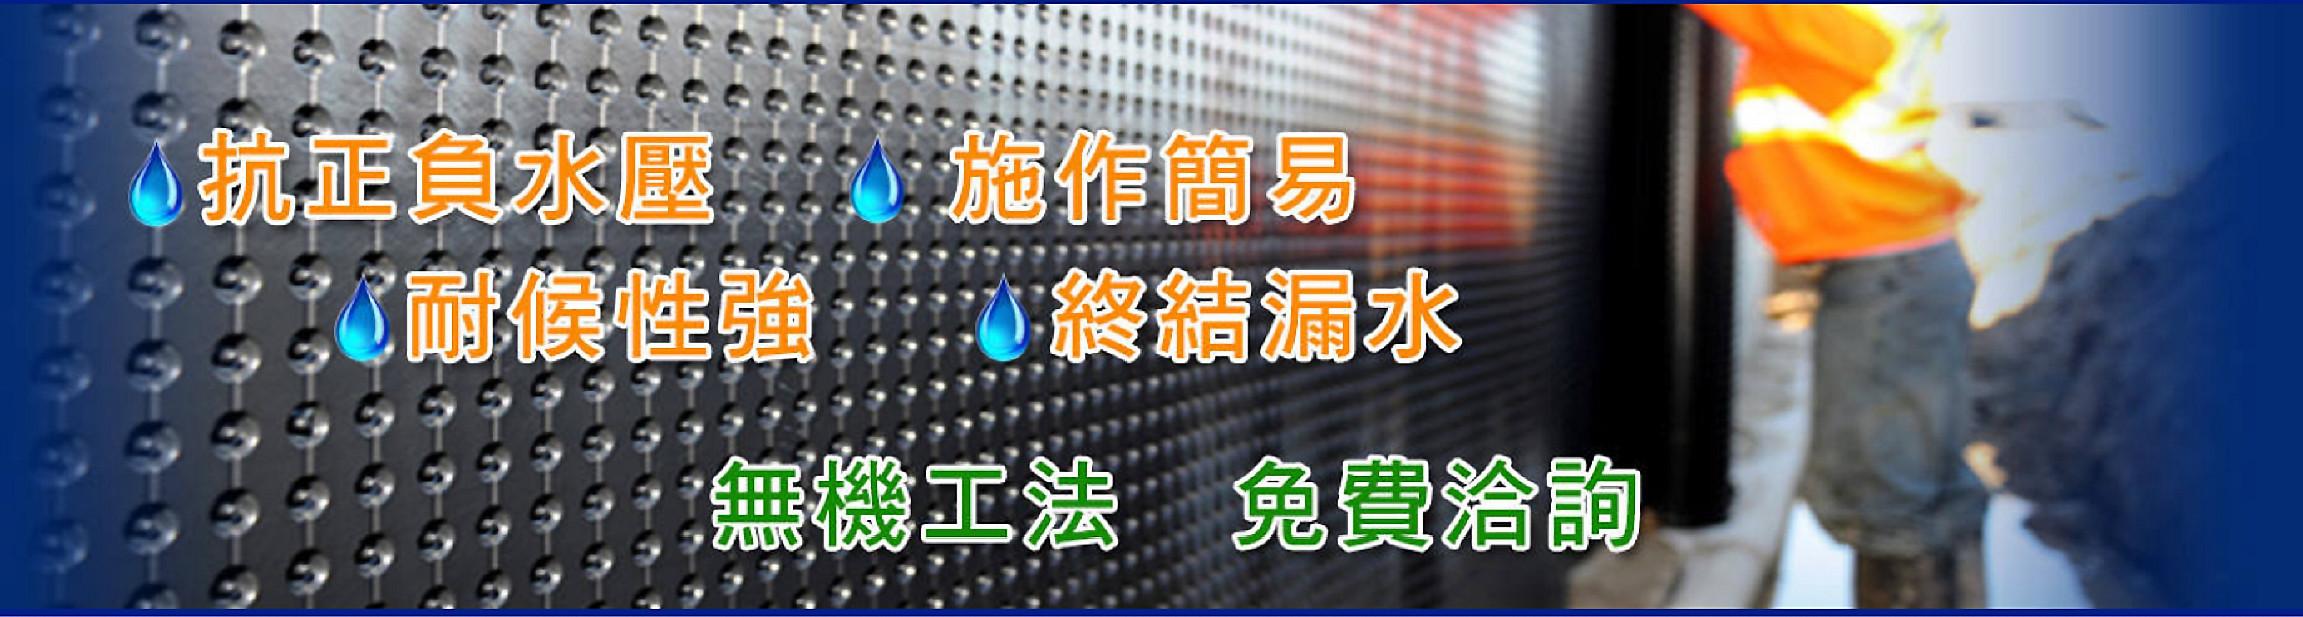 THS無機防水系統 首圖